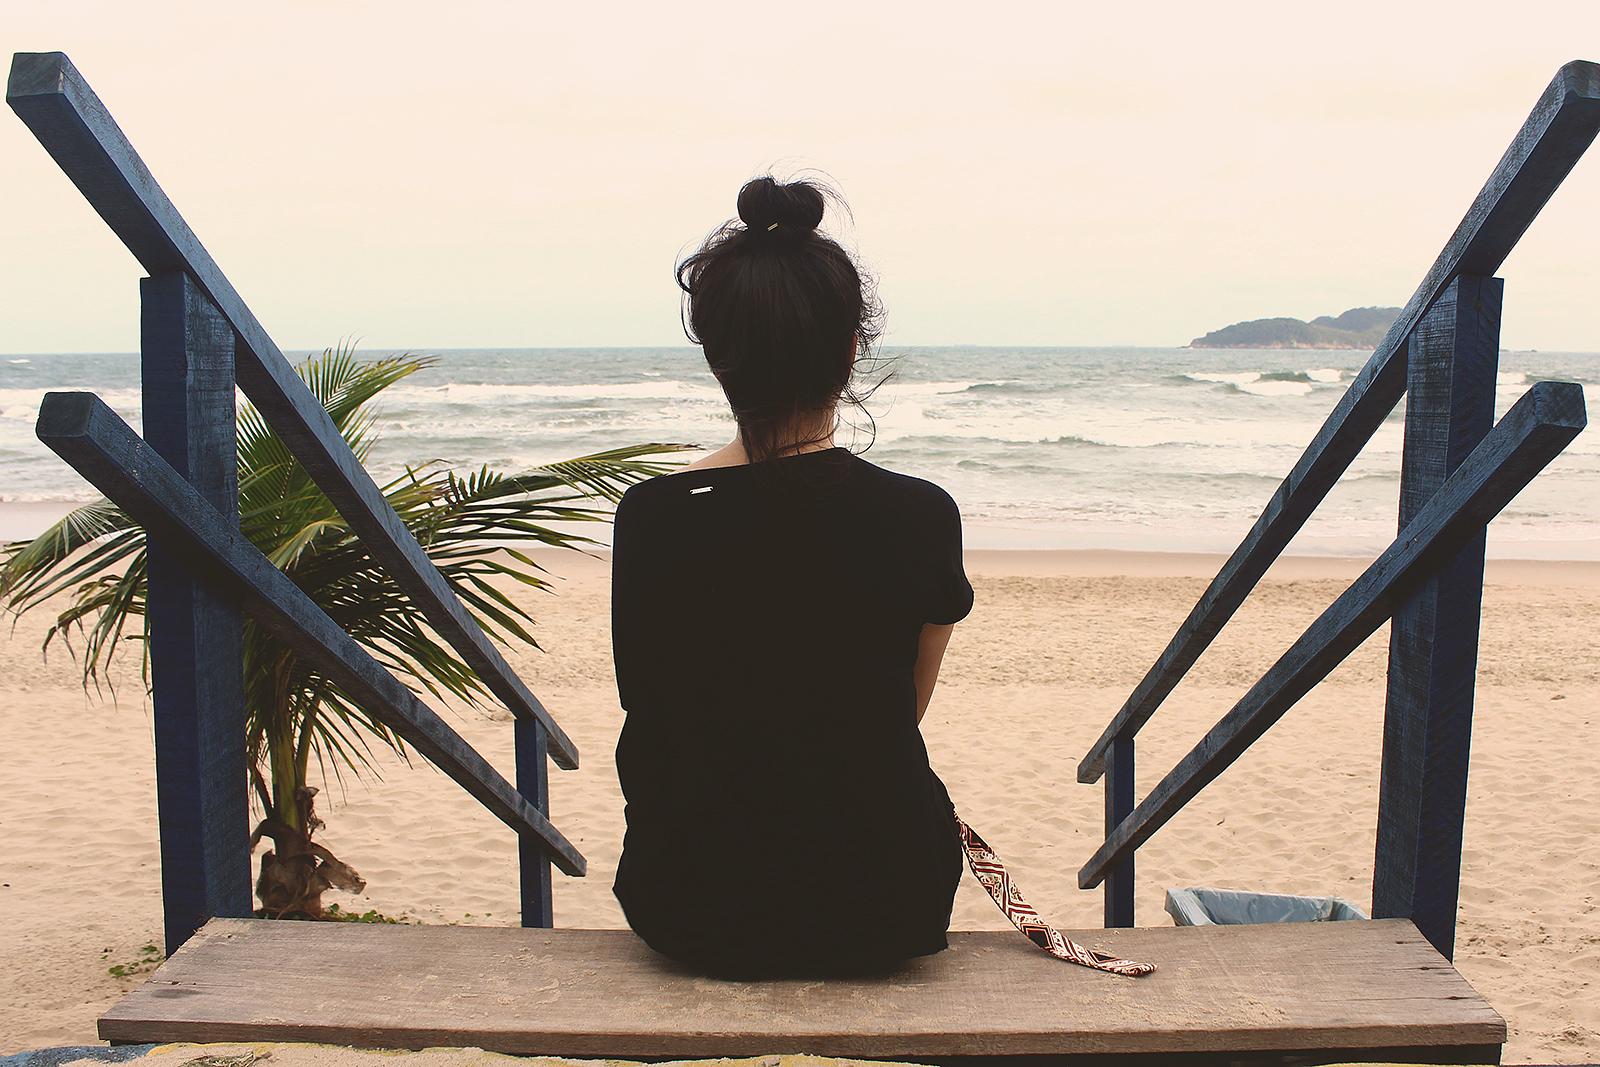 garota pensando na vida